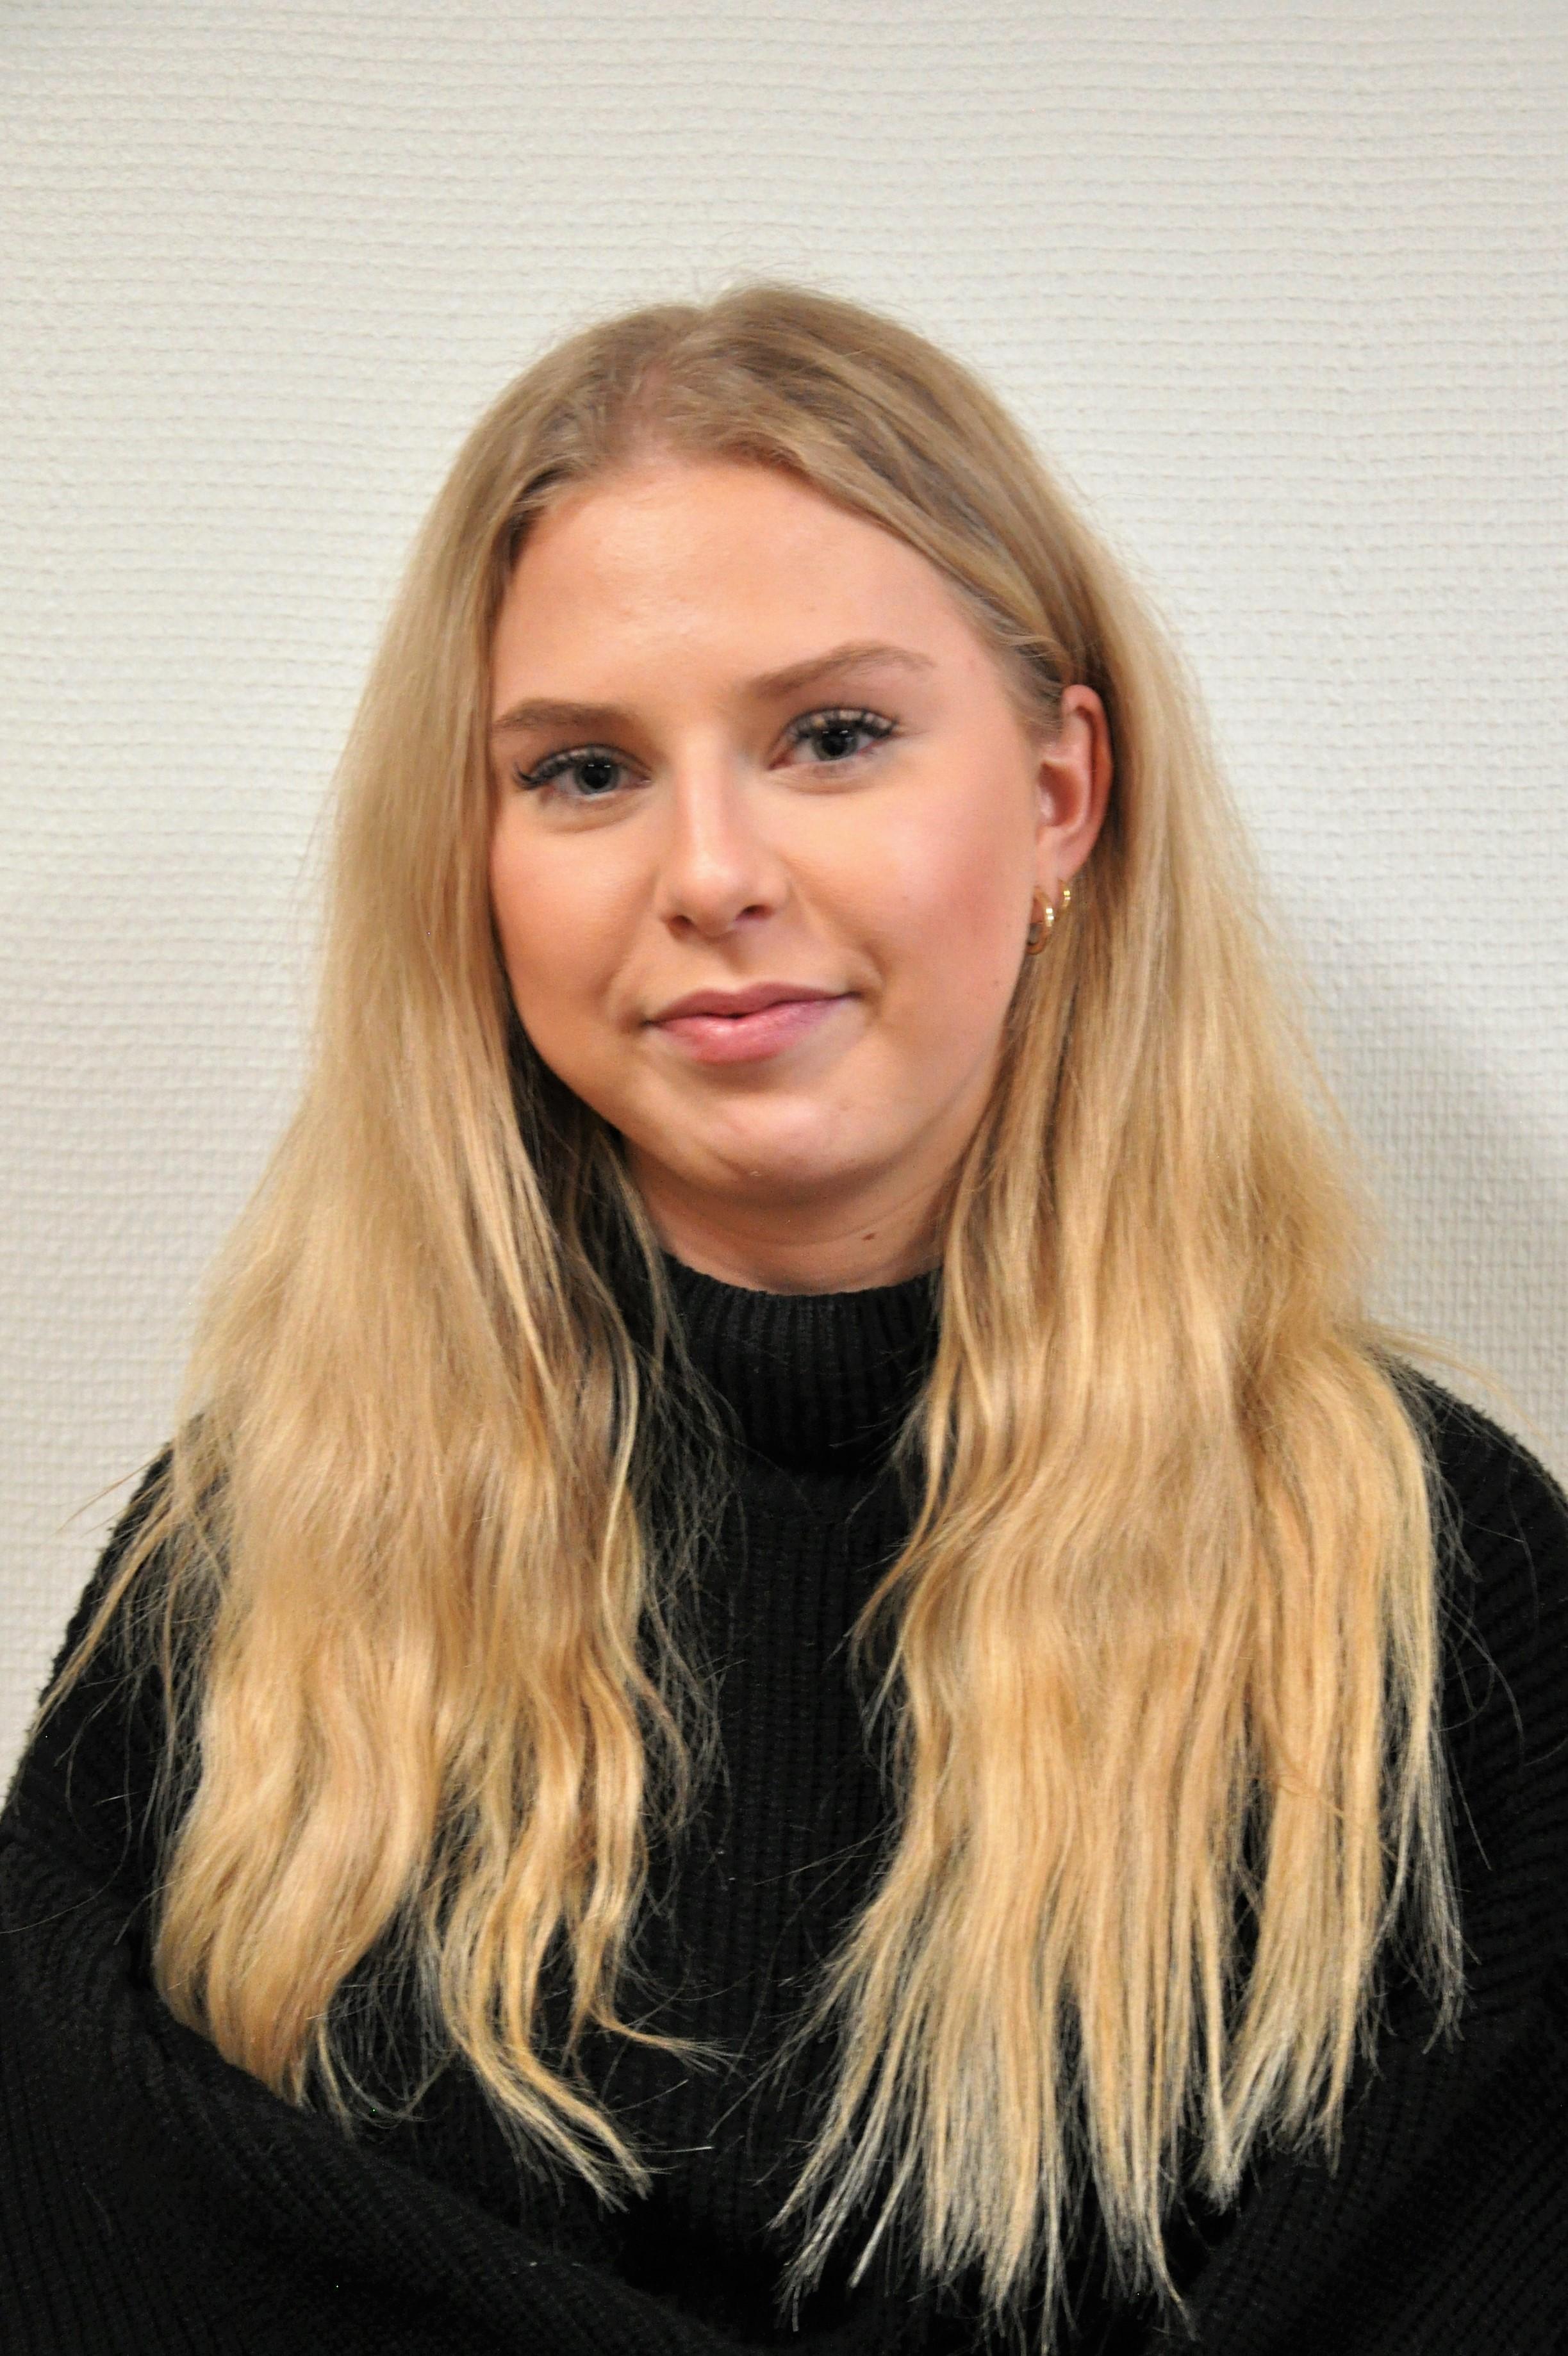 Amanda Karlsson